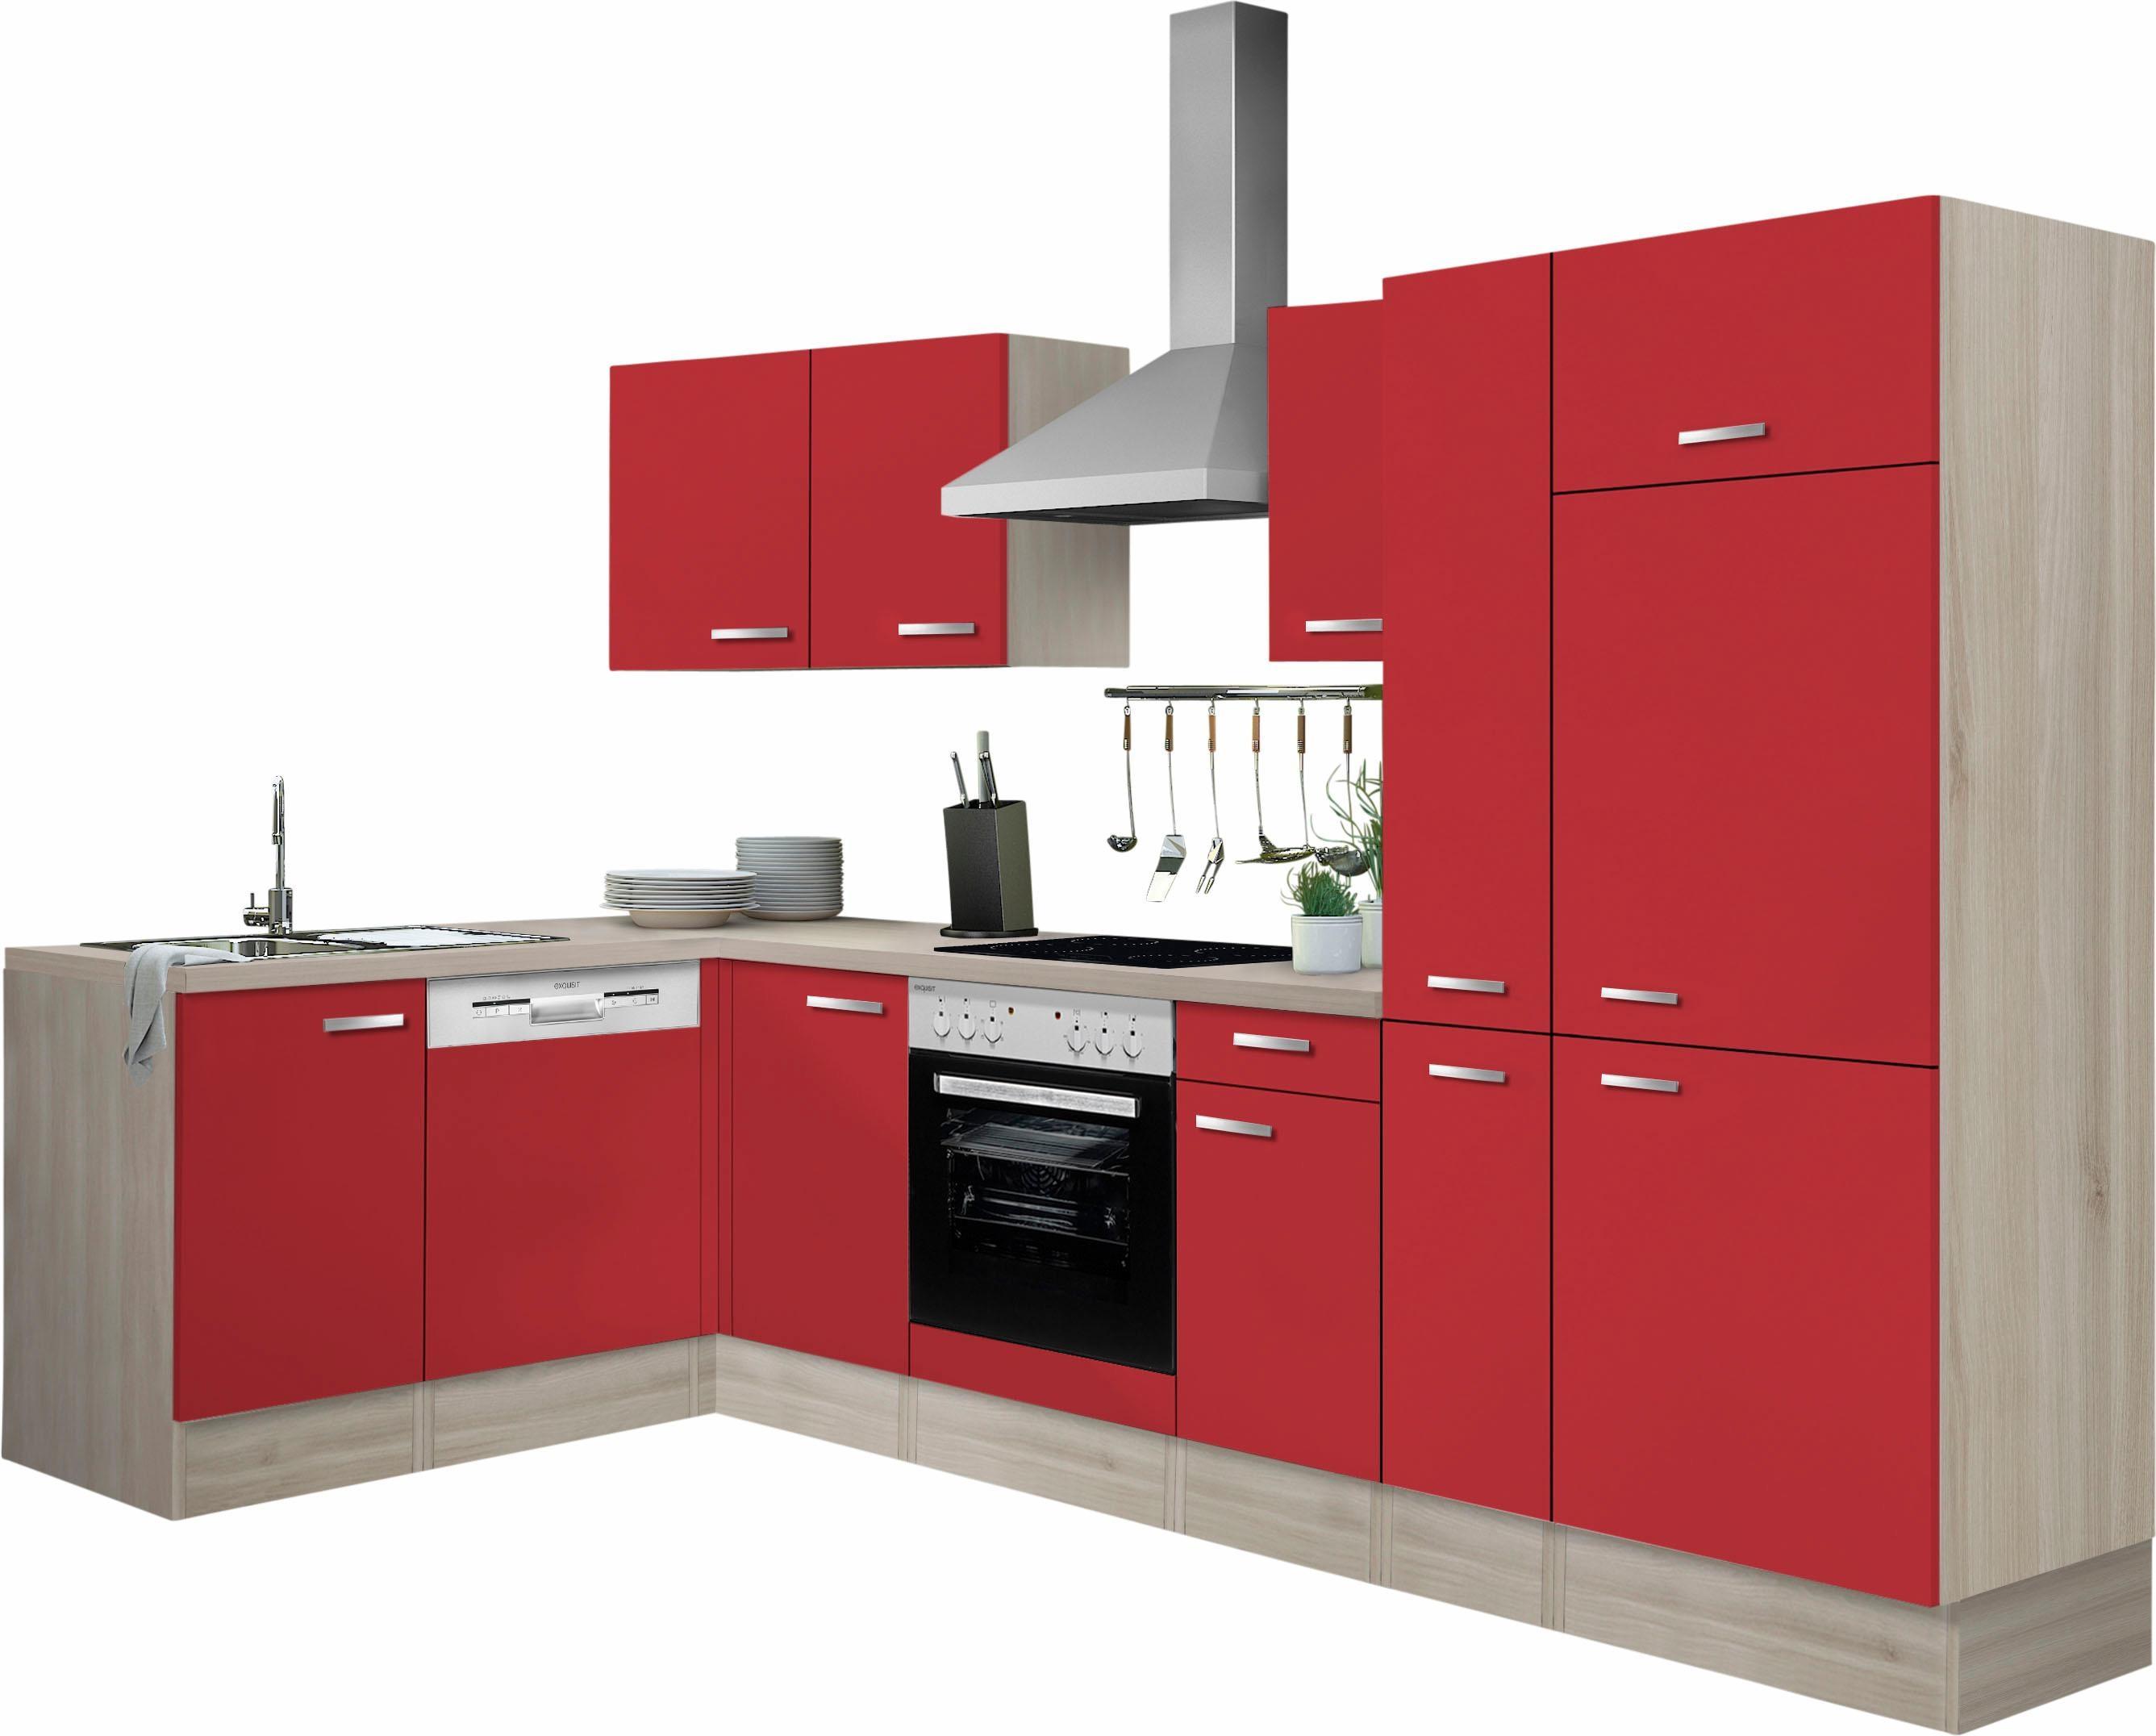 OPTIFIT Winkelküche Faro | Küche und Esszimmer > Küchen > Winkelküchen | Rot | Metall | Optifit